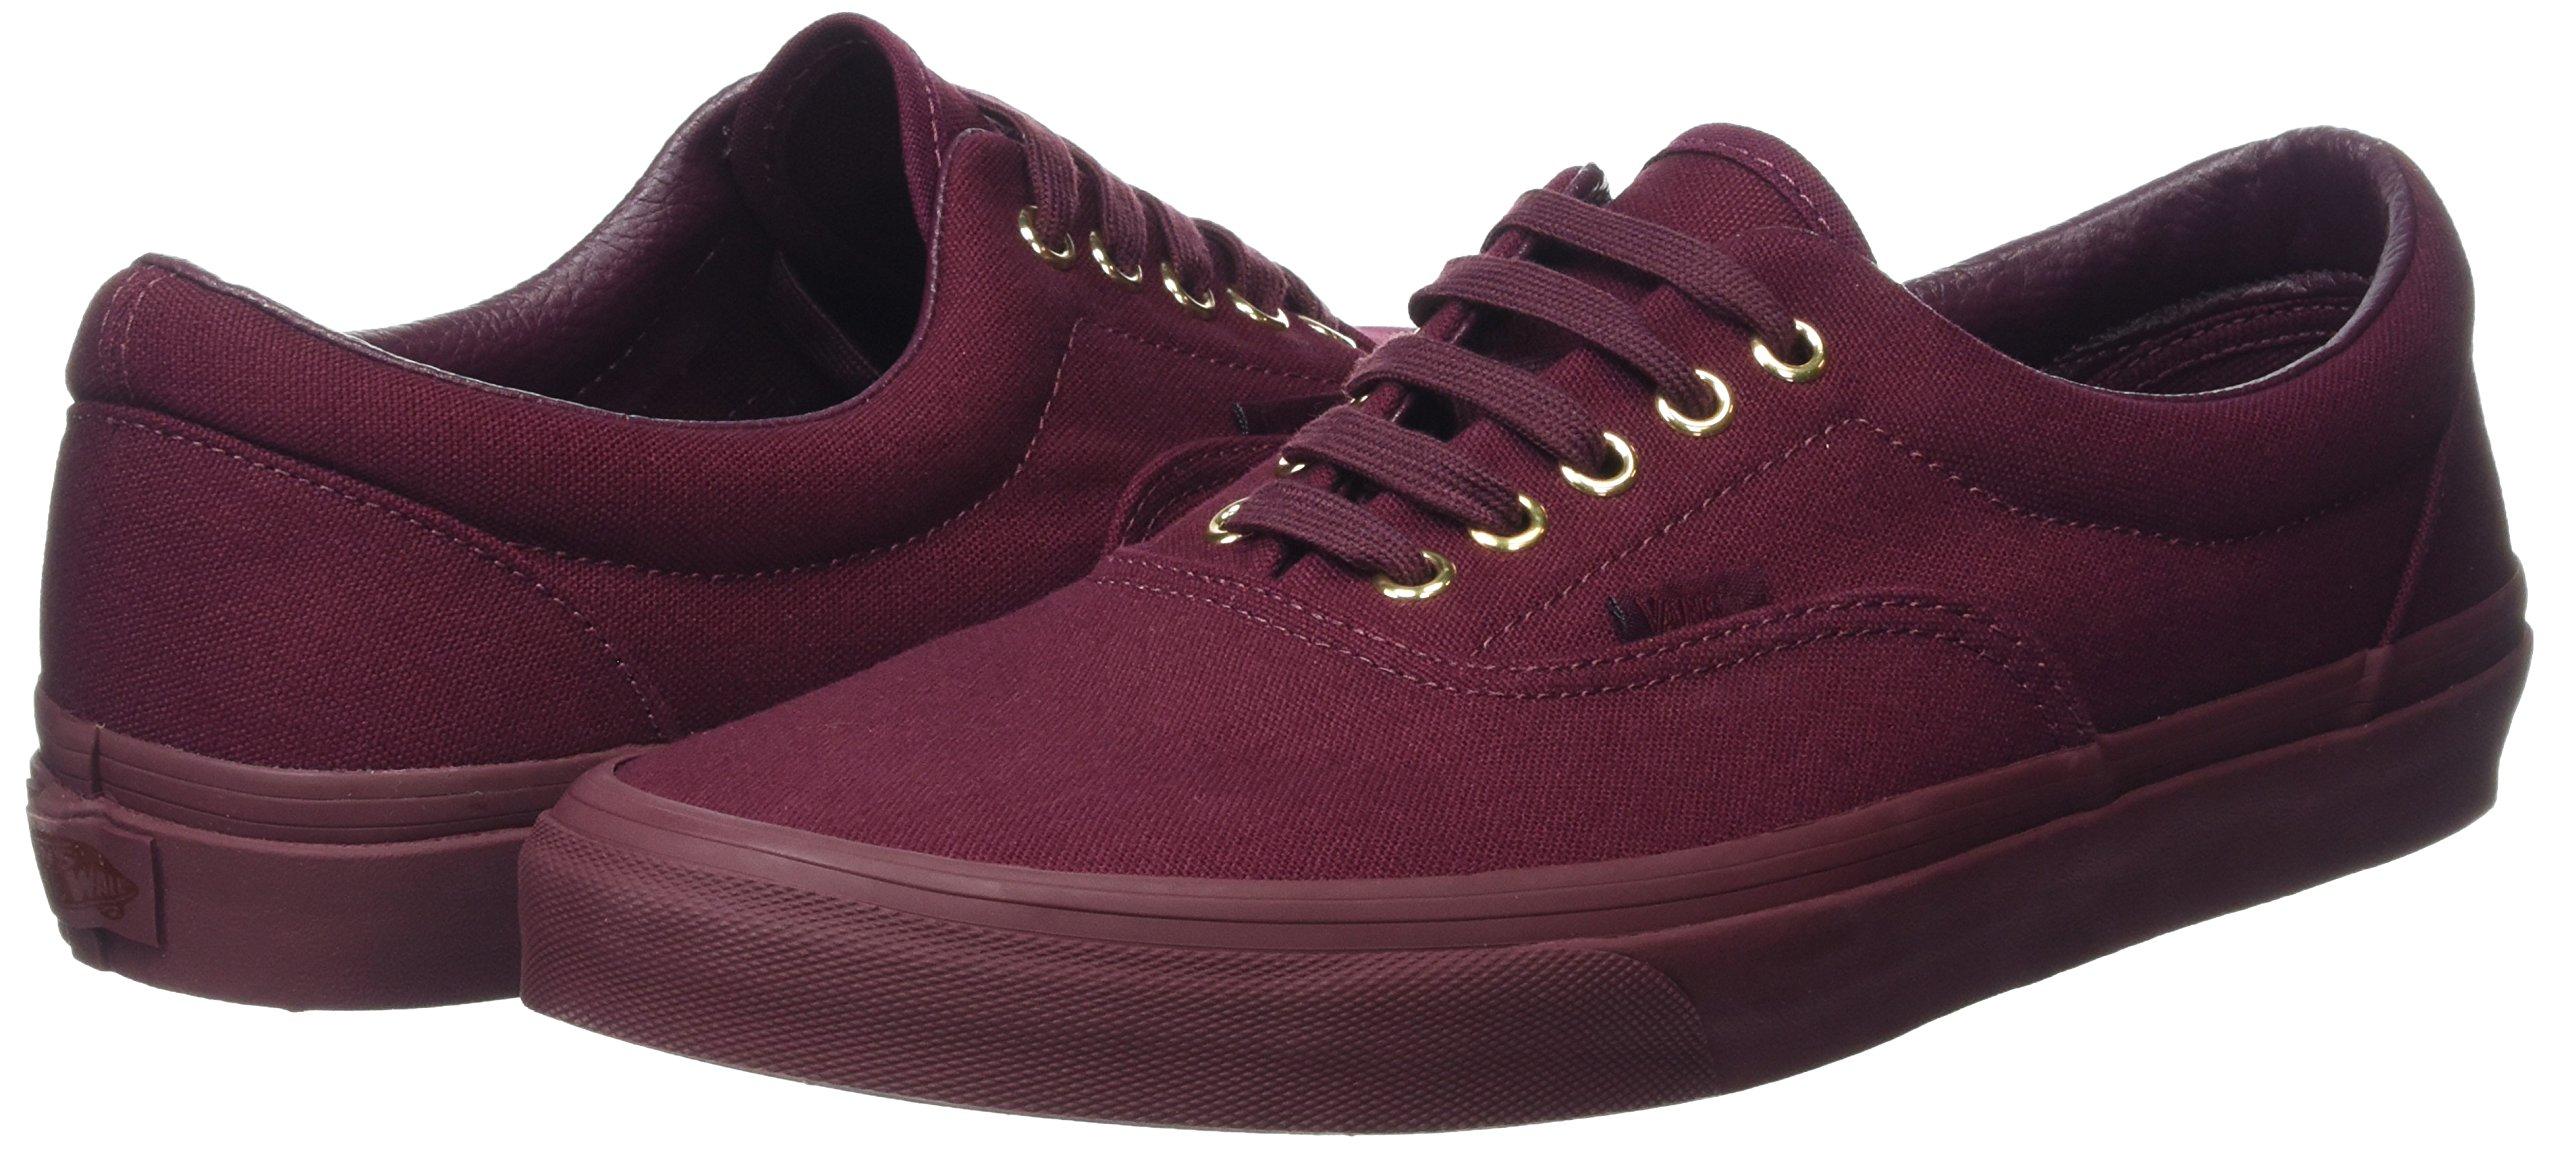 89d857fc281e73 Vans Era (Gold Mono) Port Royale Size Men 5.0   Women 6.5 - VN0003Z5JRR-710    Fashion Sneakers   Clothing